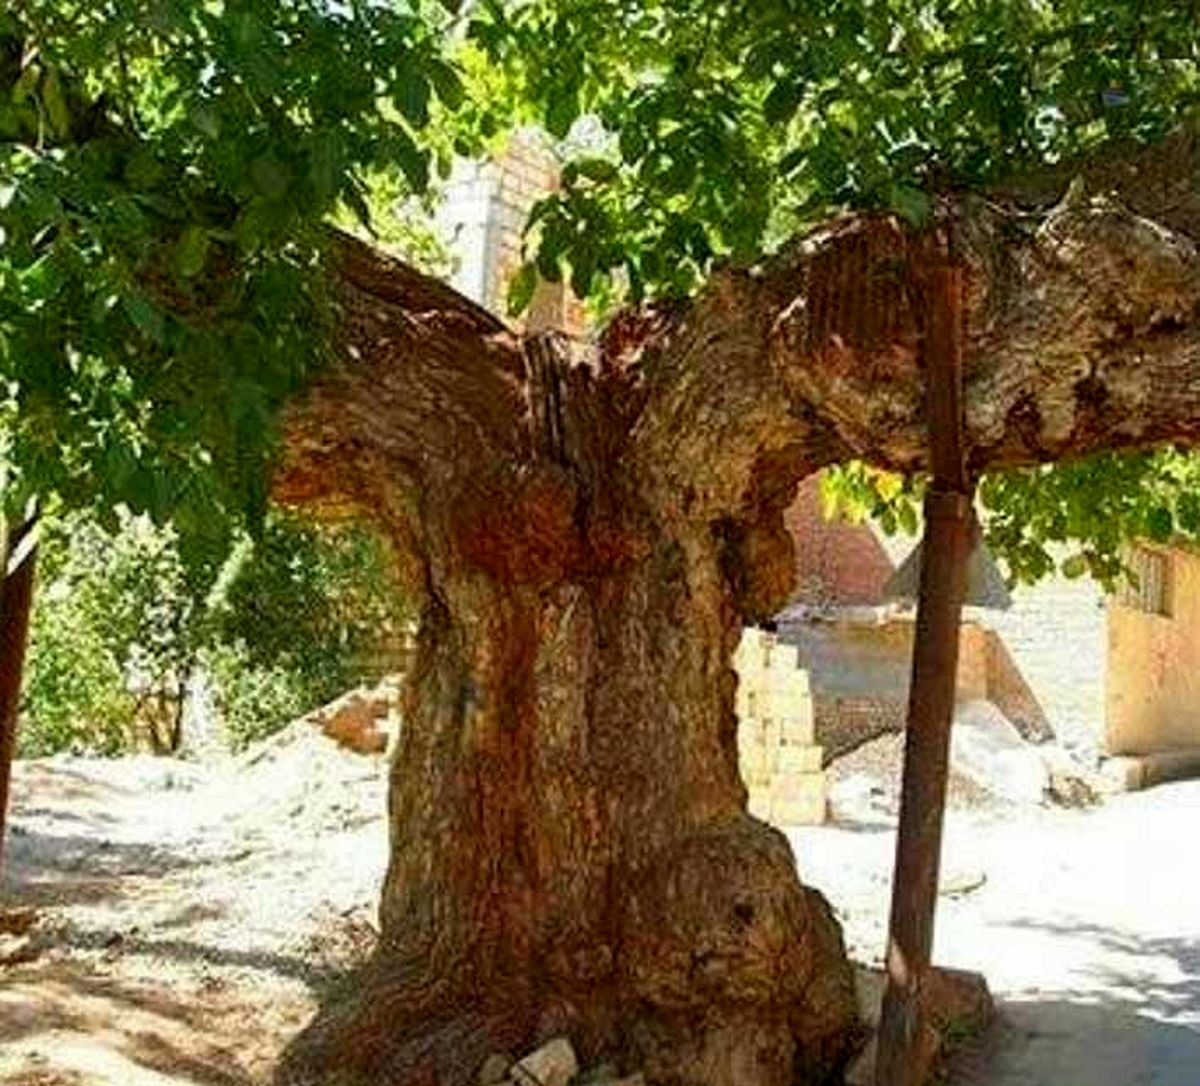 تصویر کمان رستم! در شهمیرزاد استان سمنان